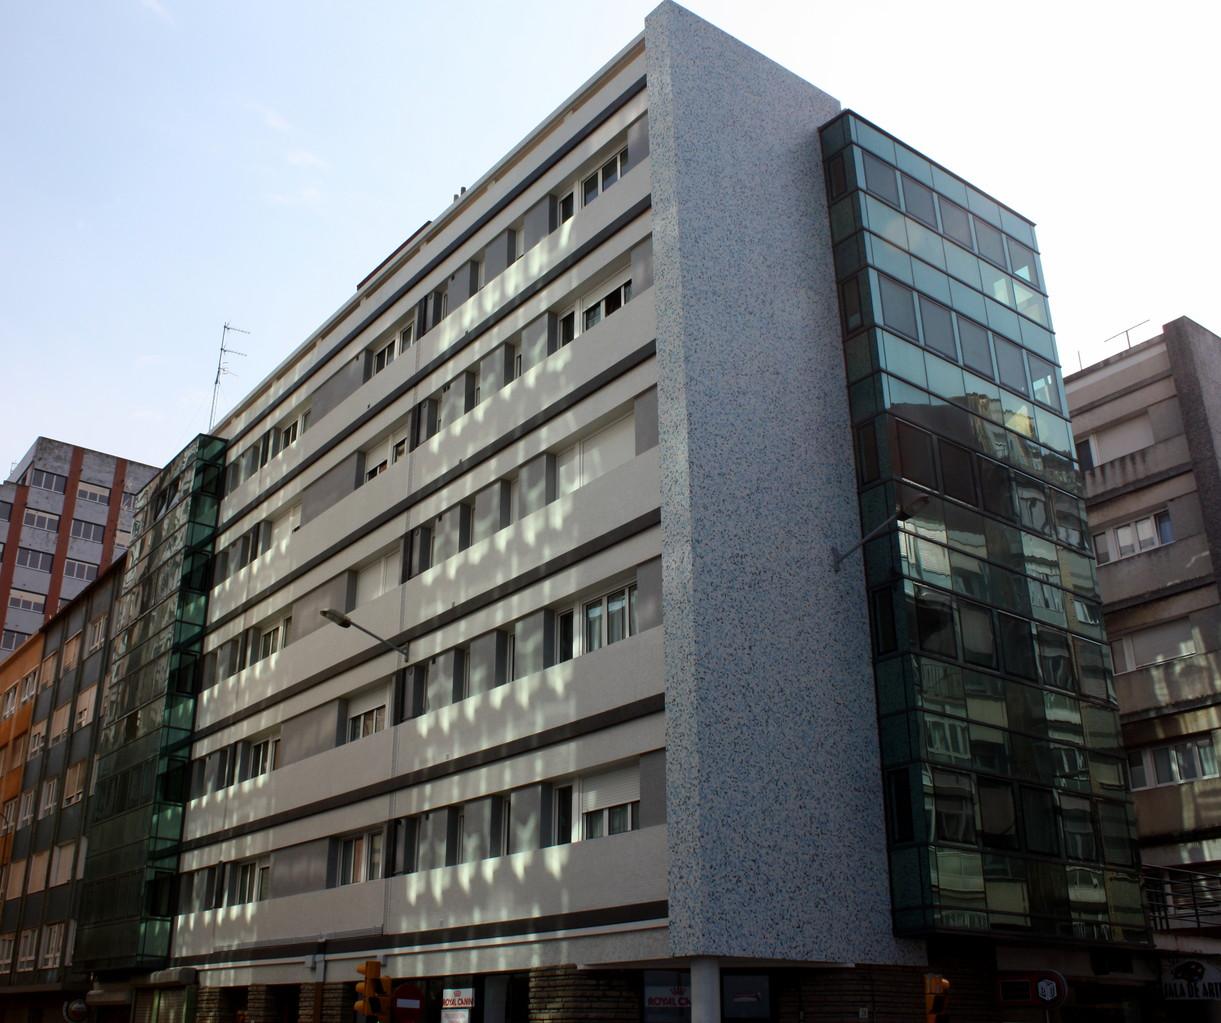 Rehabilitación de Fachadas en Manso 4, Gijón